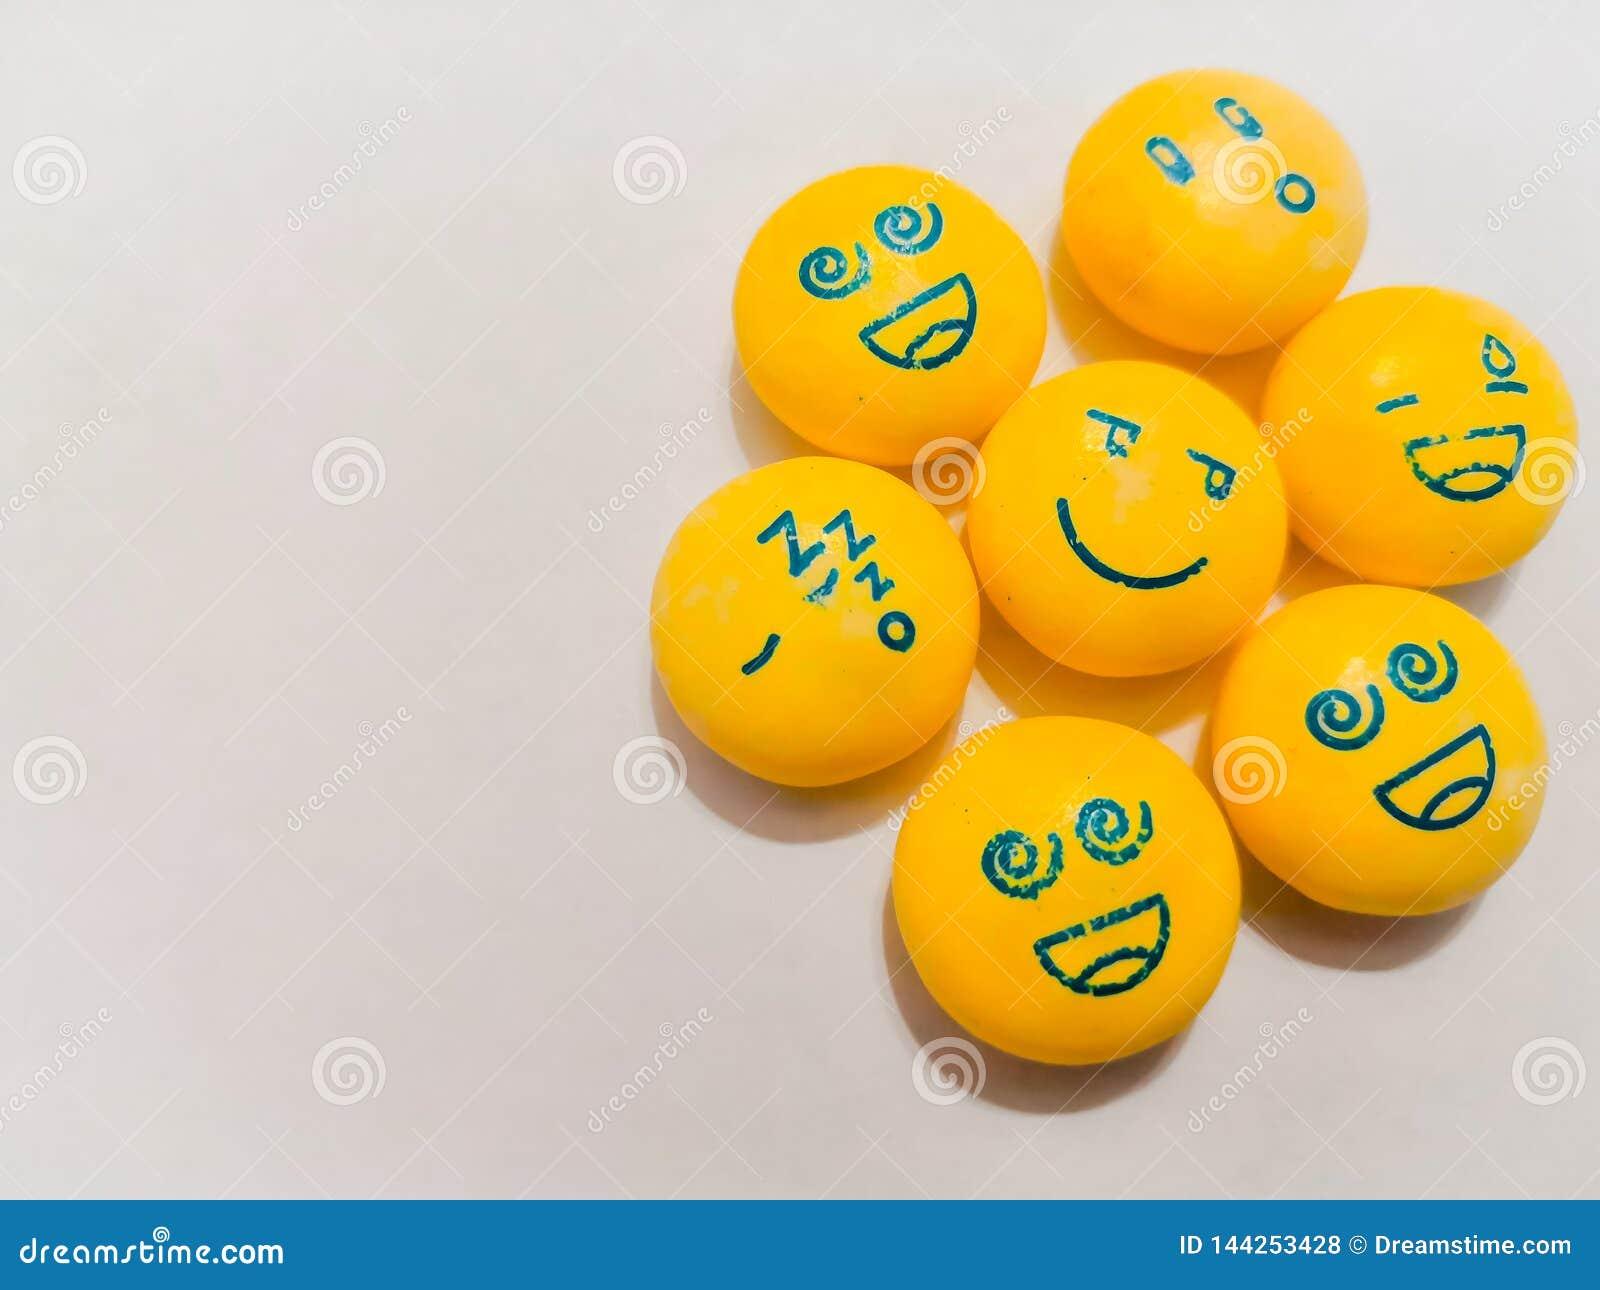 Dormendo, sorrisi tristi e felici, emozioni